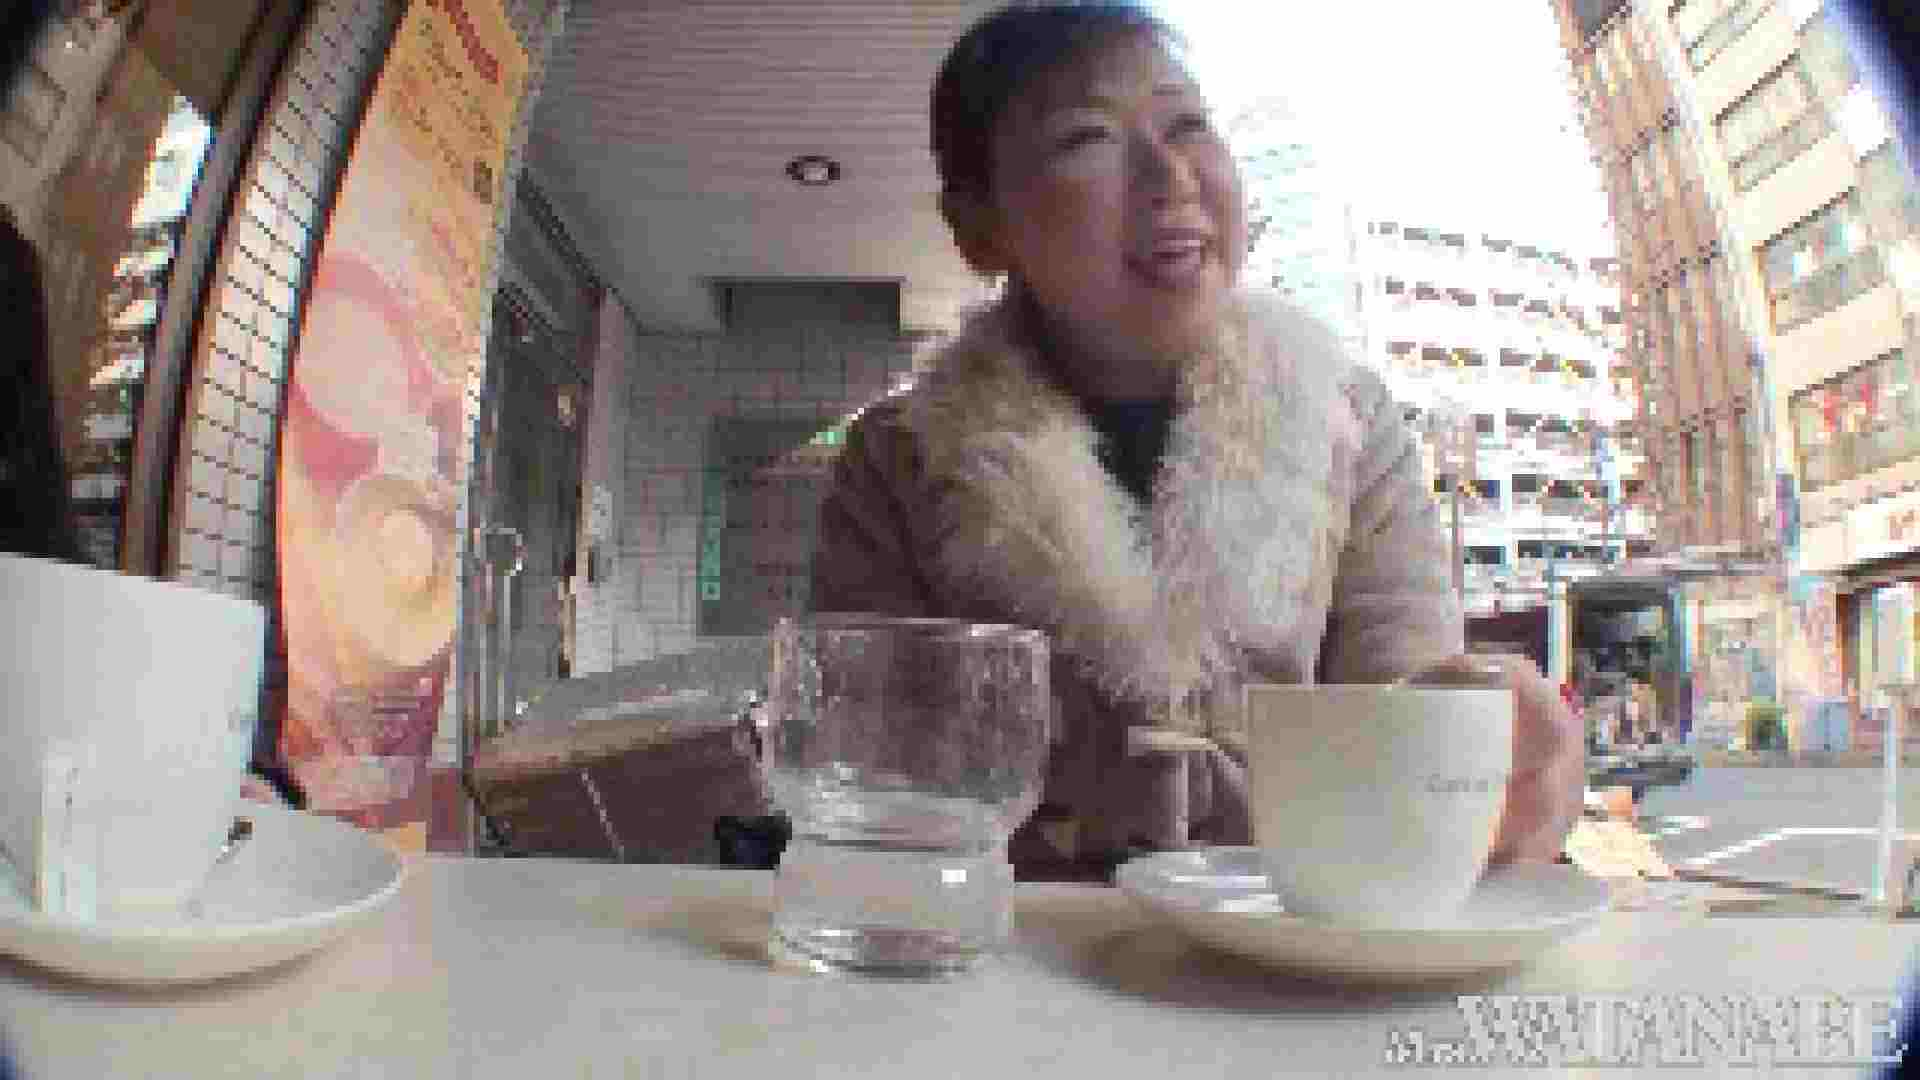 撮影スタッフを誘惑する痴熟女 かおり40歳 Vol.01 素人 | HなOL  67pic 55